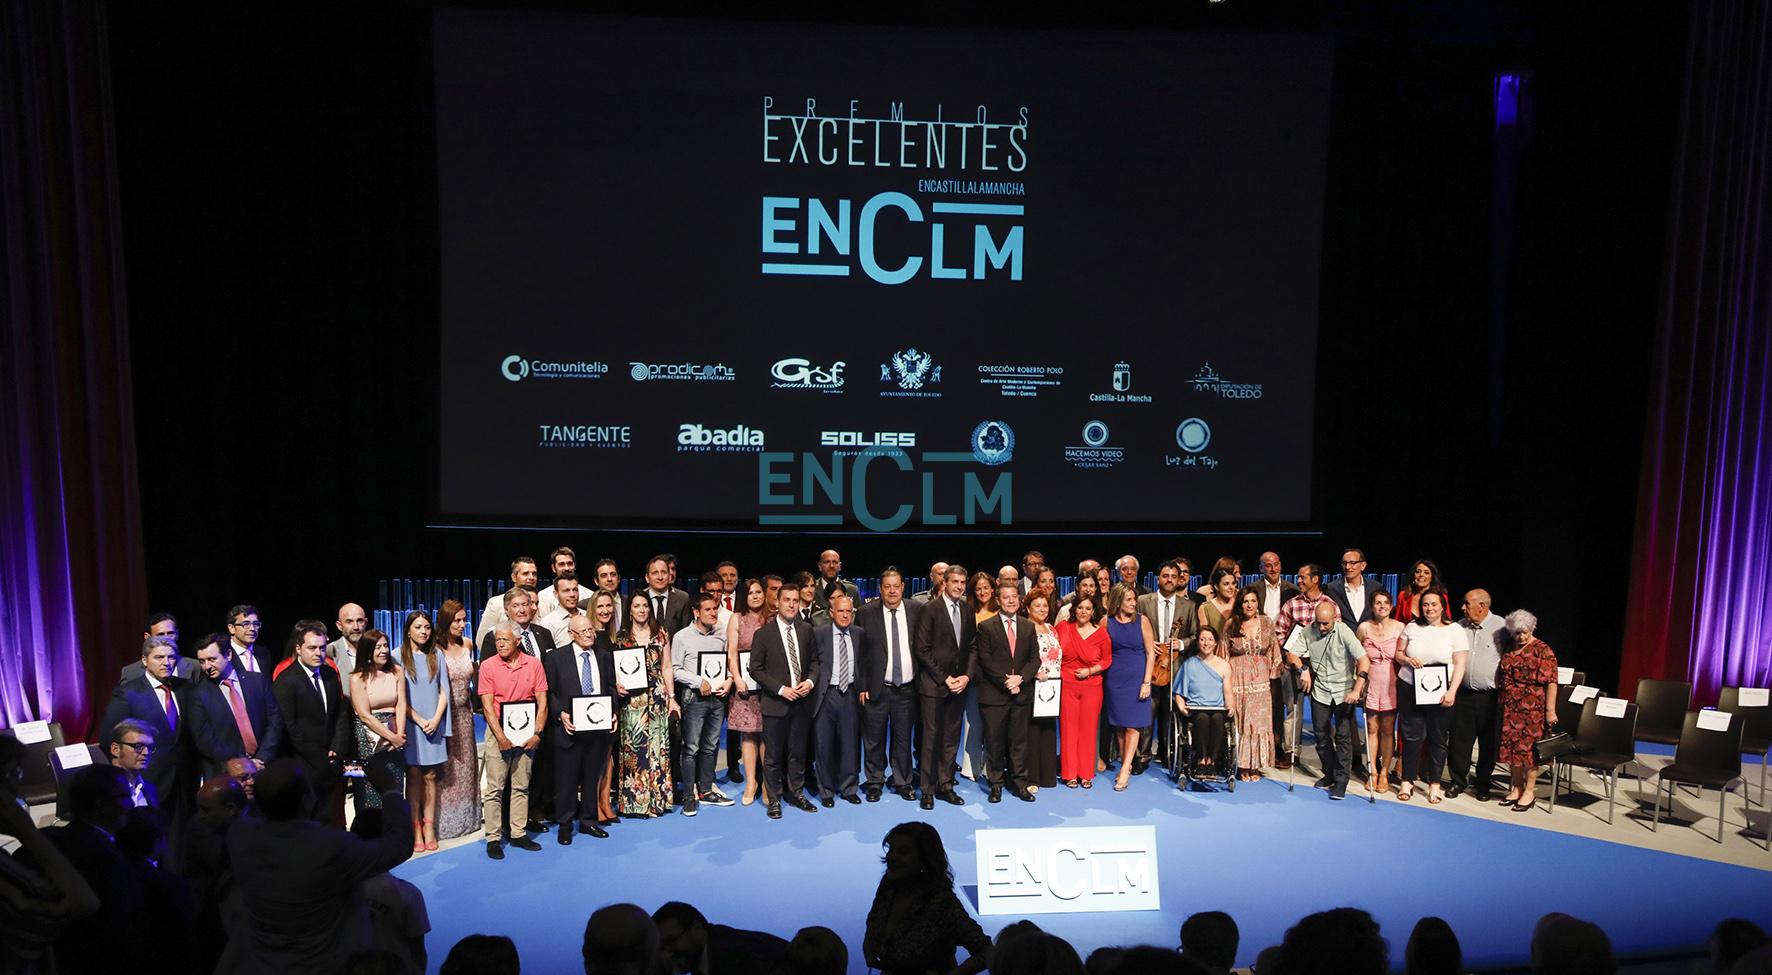 premios excelentes Foto de familia de premiados, patrocinadores, autoridades y equipo de ENCLM.